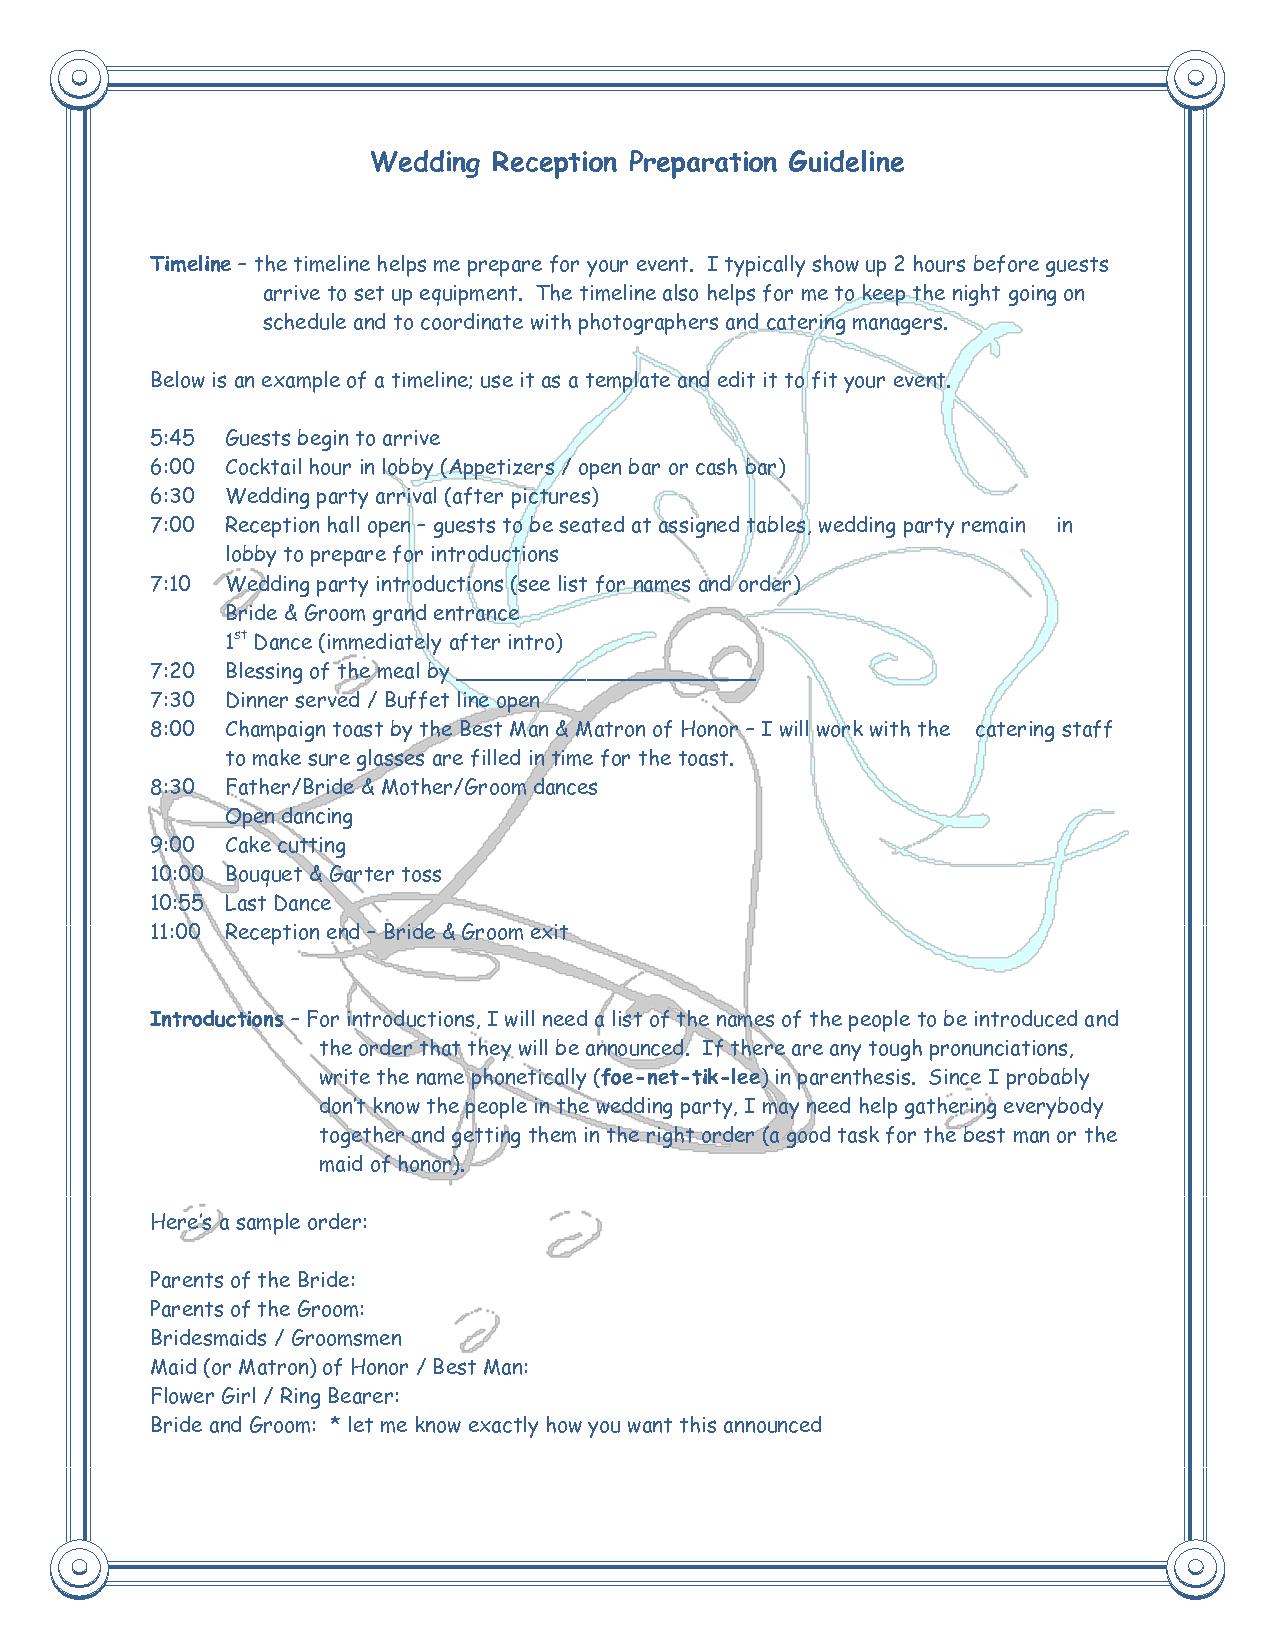 Wedding Reception Schedule Template Romeondinez